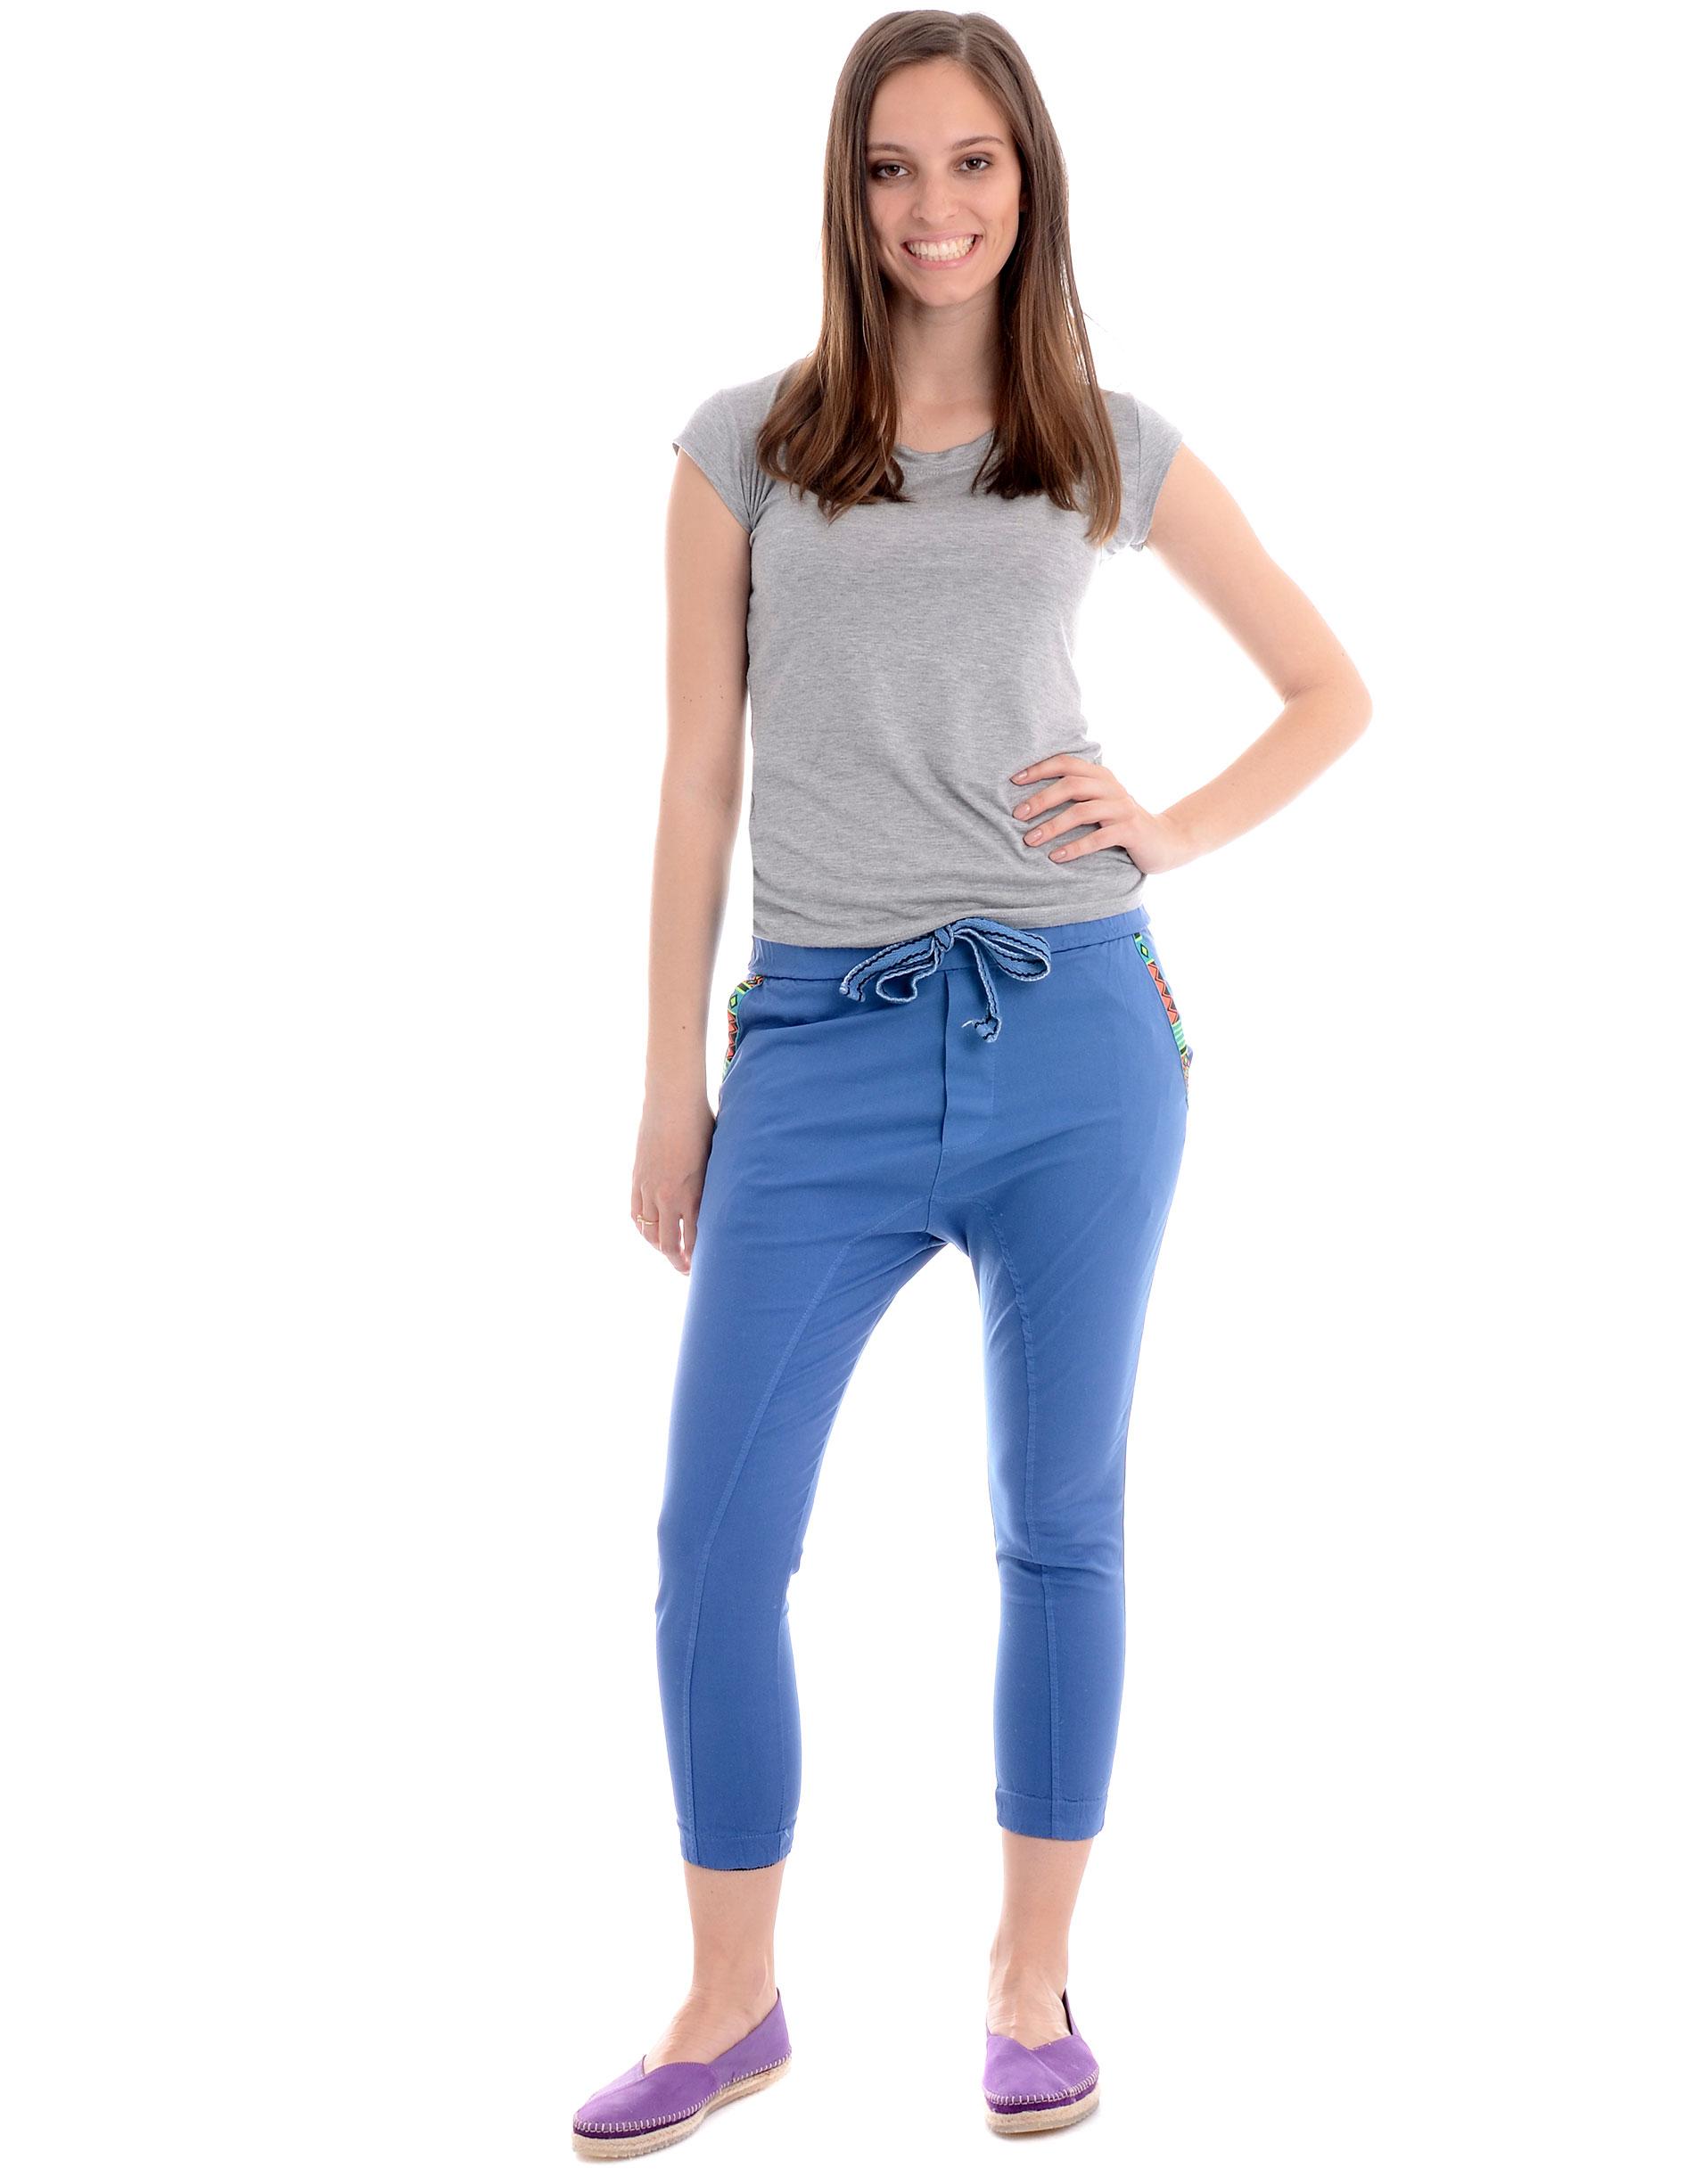 Spodnie - 97-16376 FIOR - Unisono